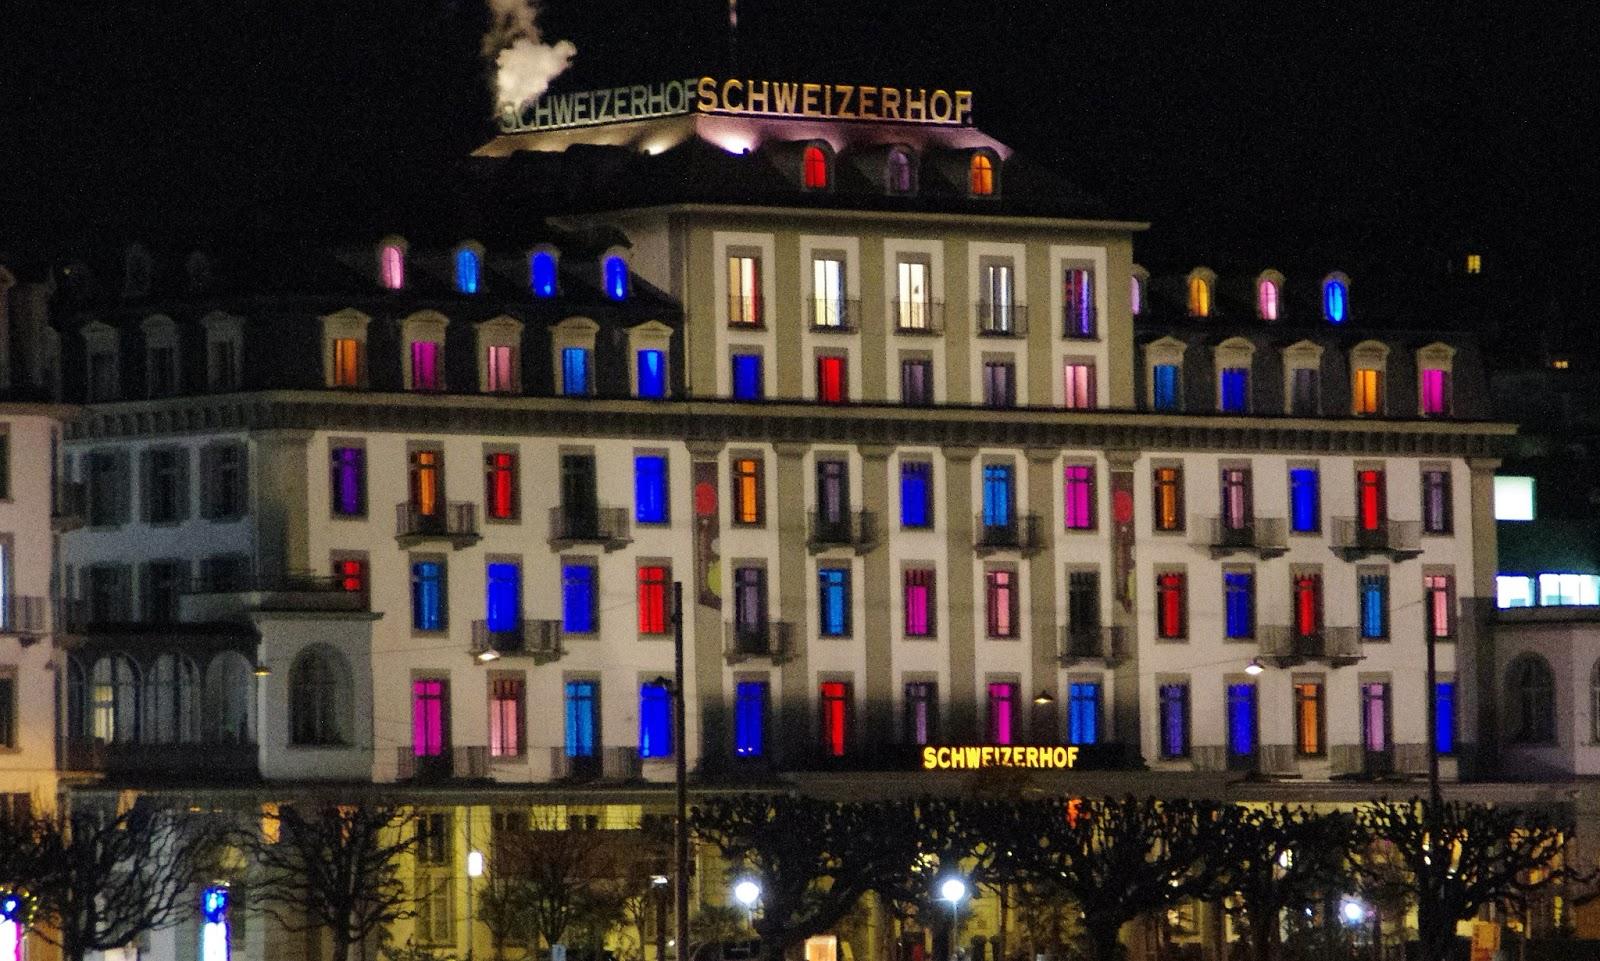 Hotel Schweizerhof Luzern Night Coloured Windows